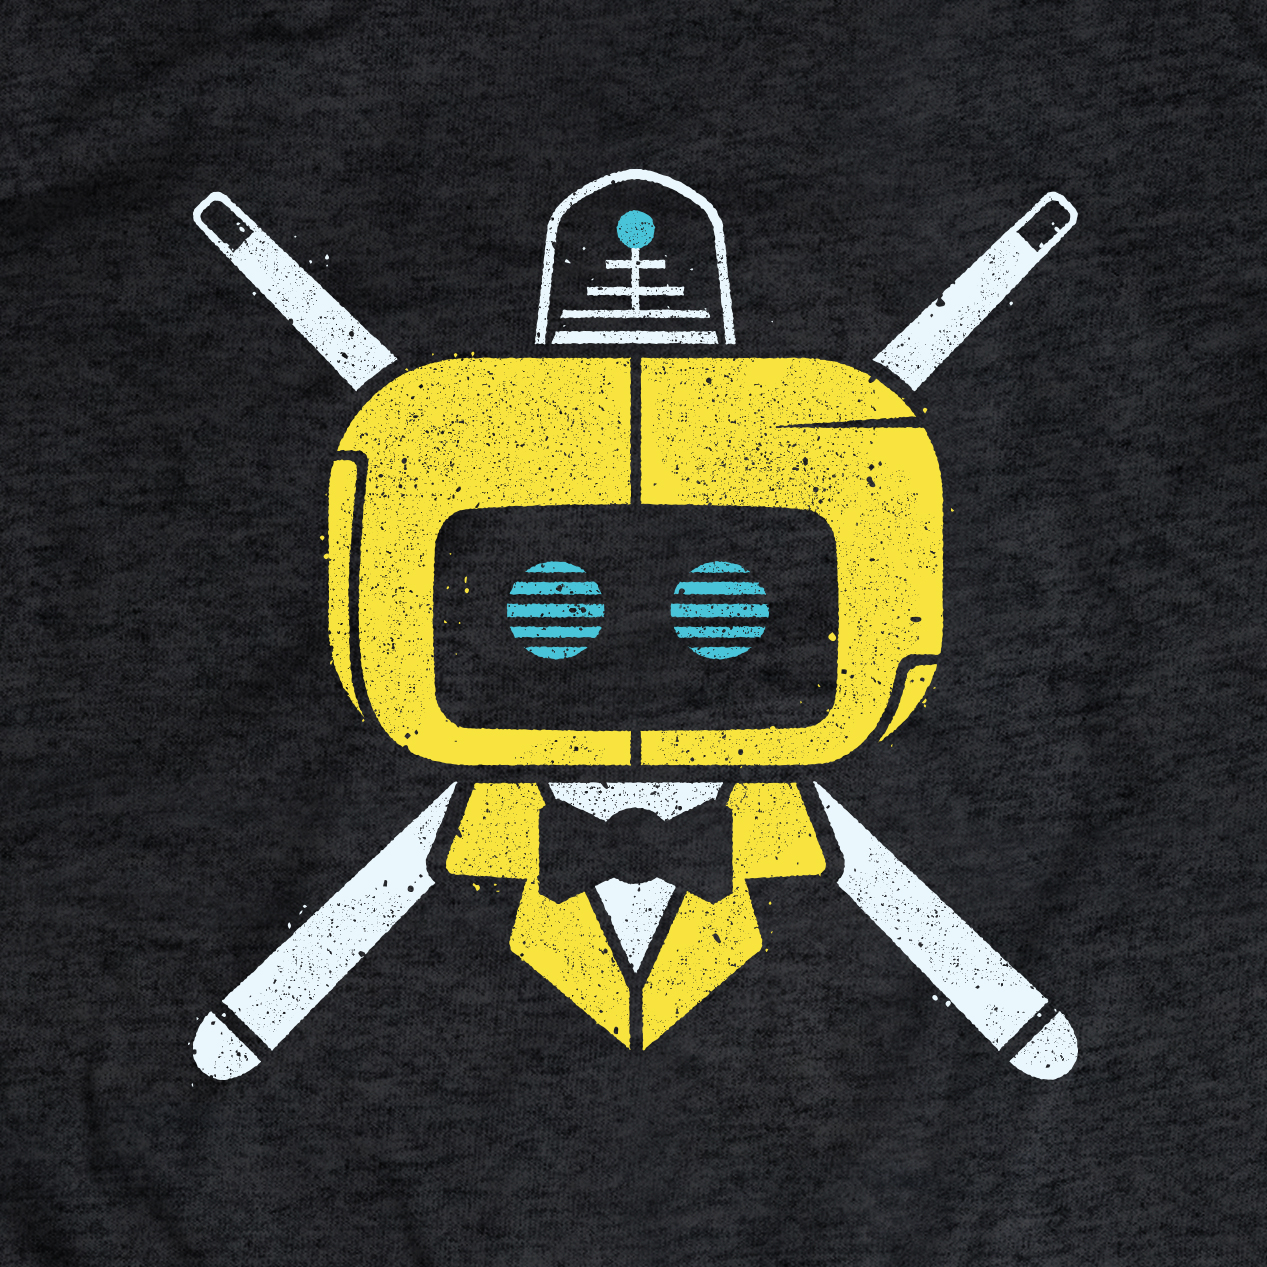 Shirt_Emblem_Large.jpg